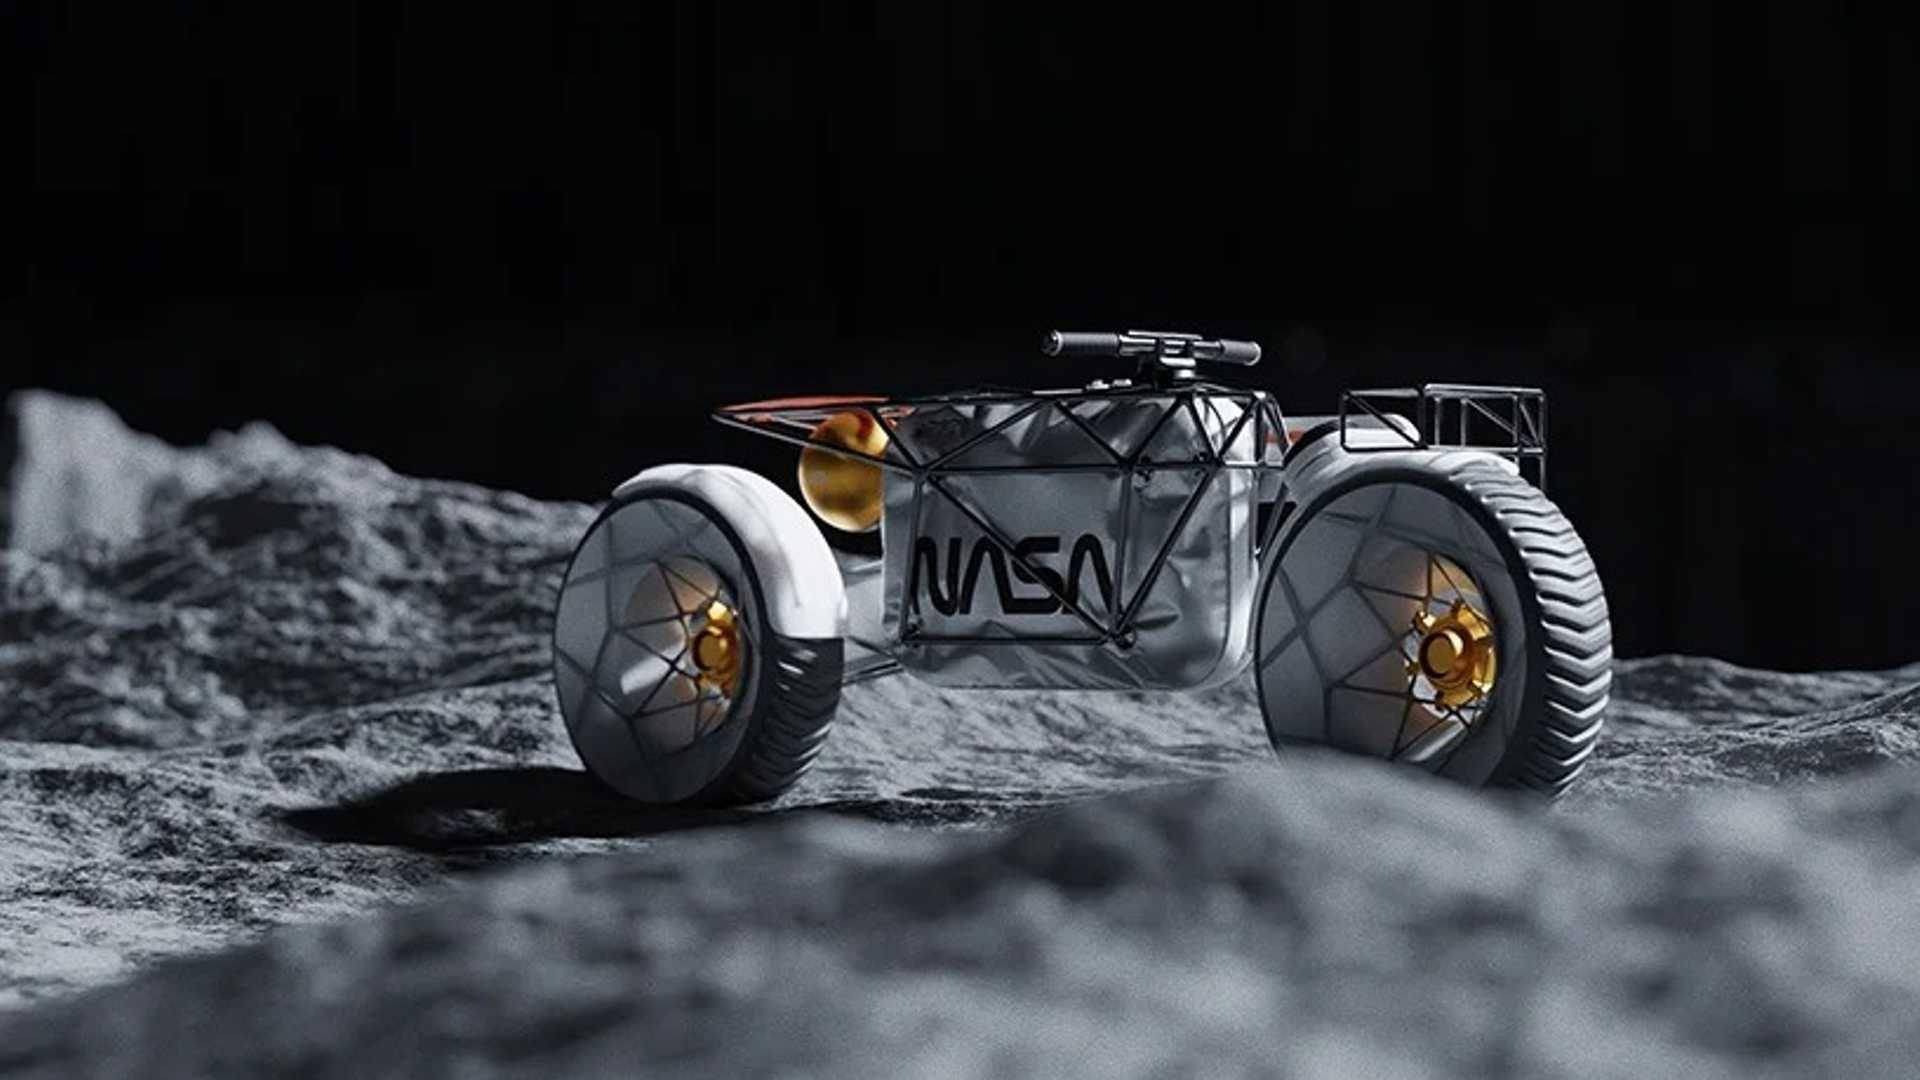 Voici la première moto électrique conçue pour rouler sur la Lune